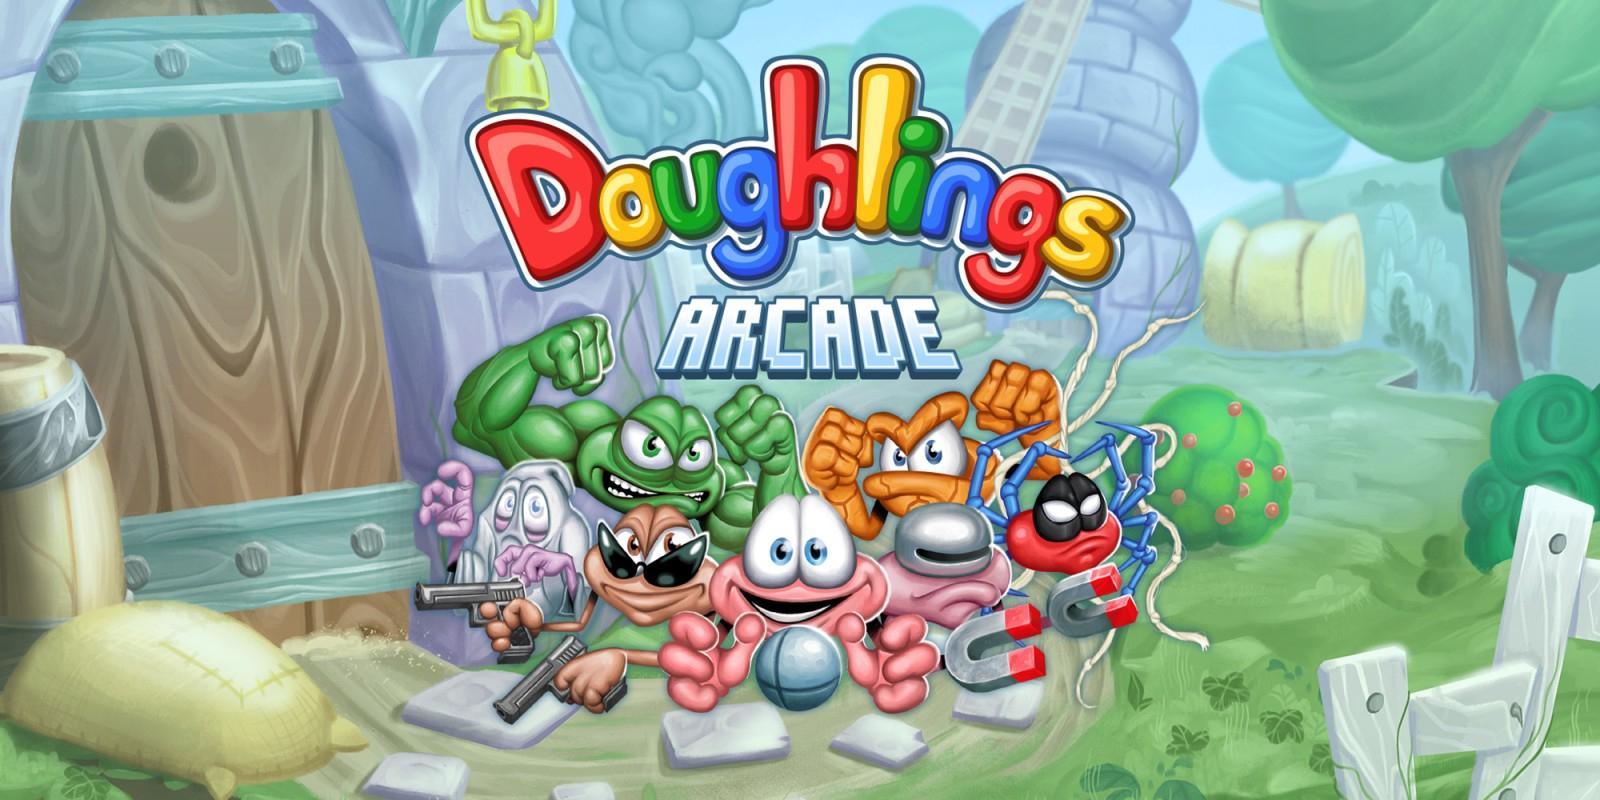 Notre Test De Doughlings : Arcade – Best Of Switch dedans Casse Brique En Ligne